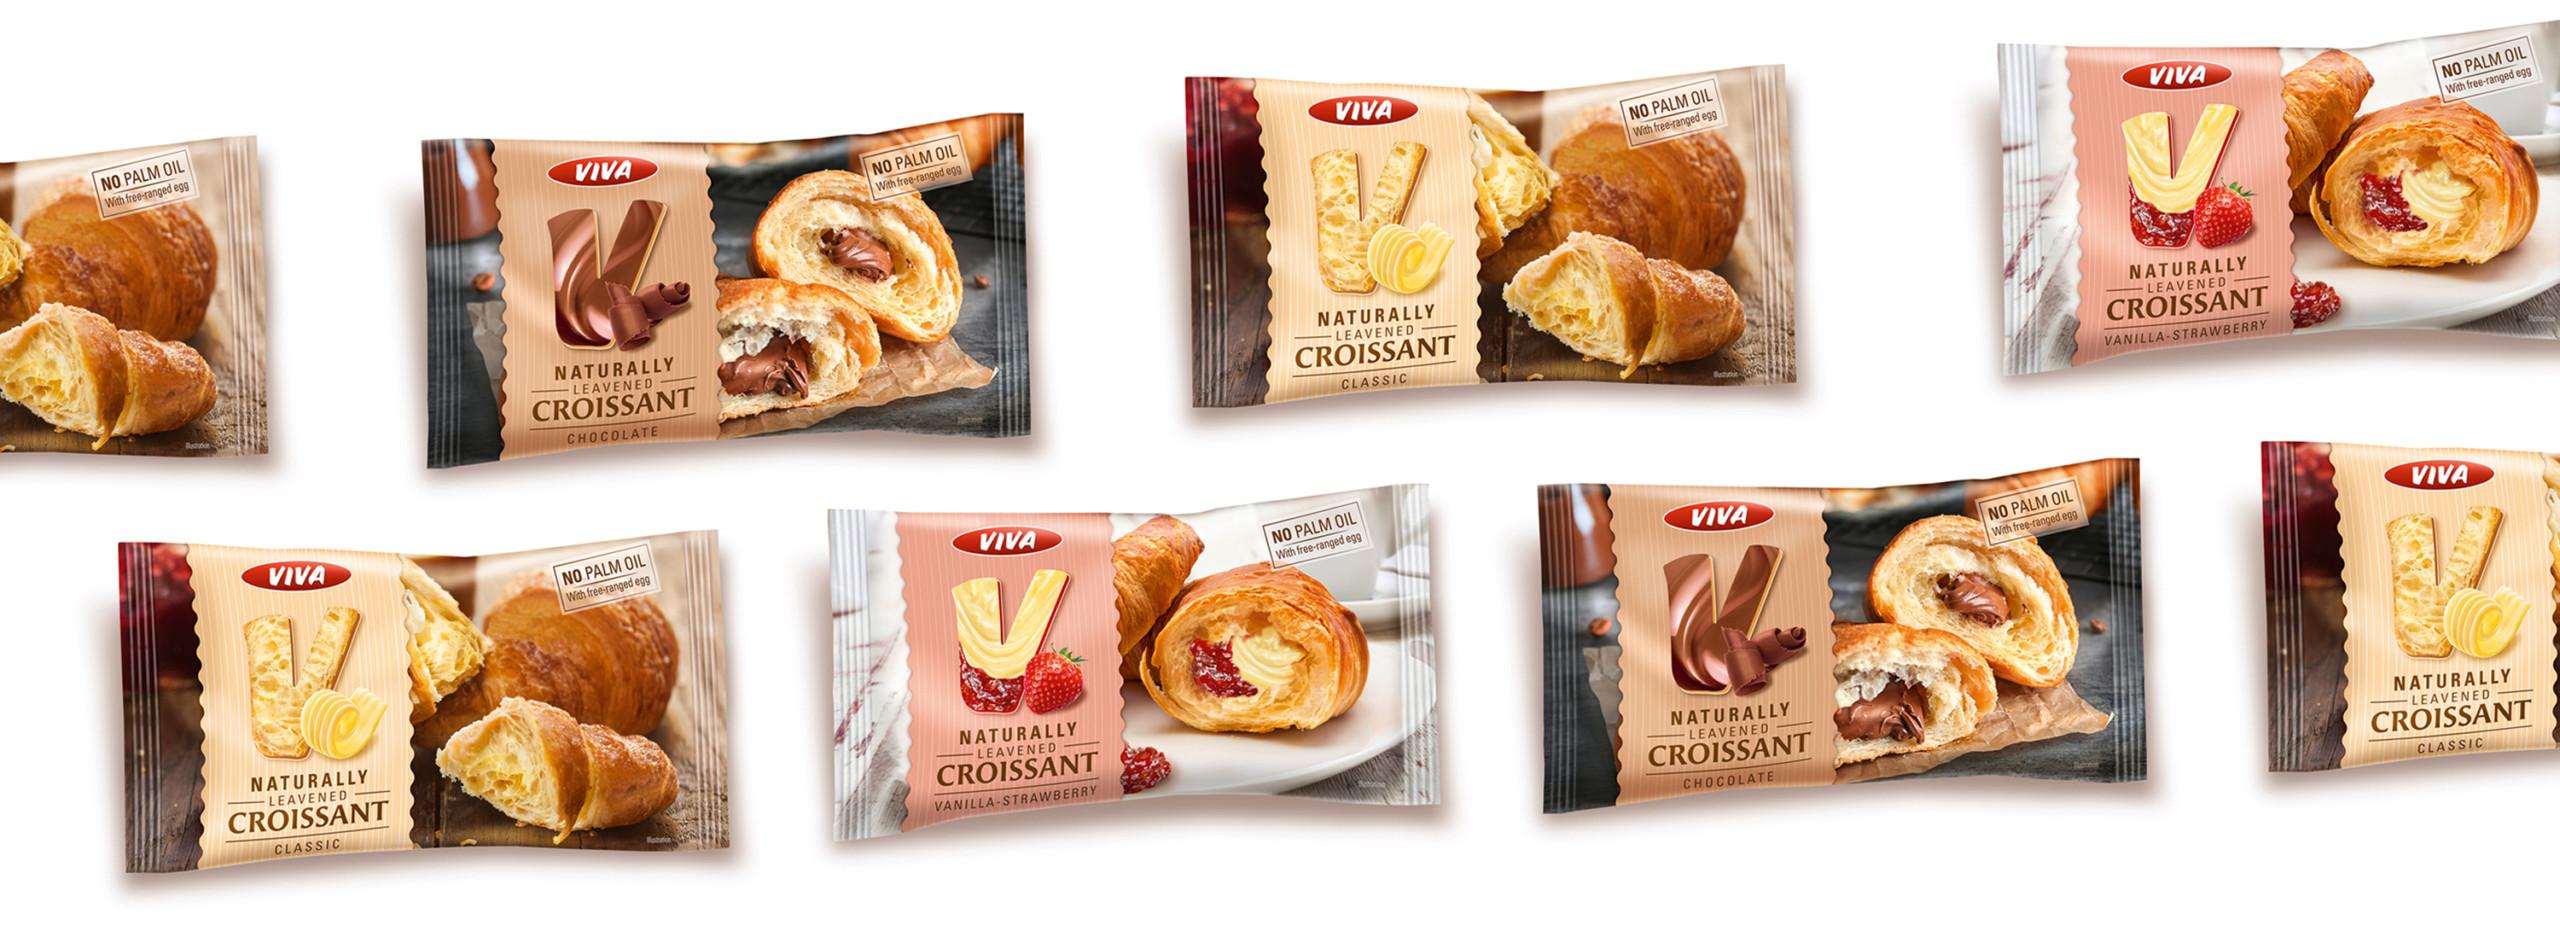 Viva-Croissants-Packaging-Design